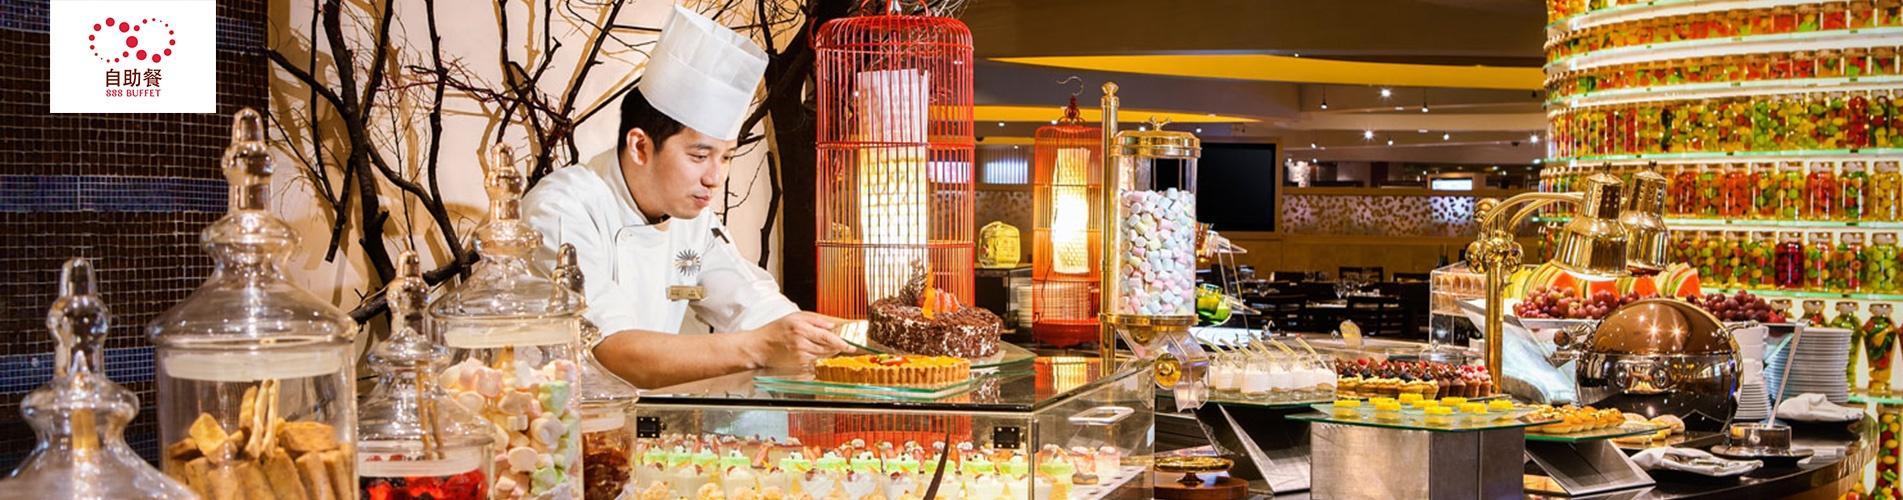 澳門金沙888餐廳自助餐